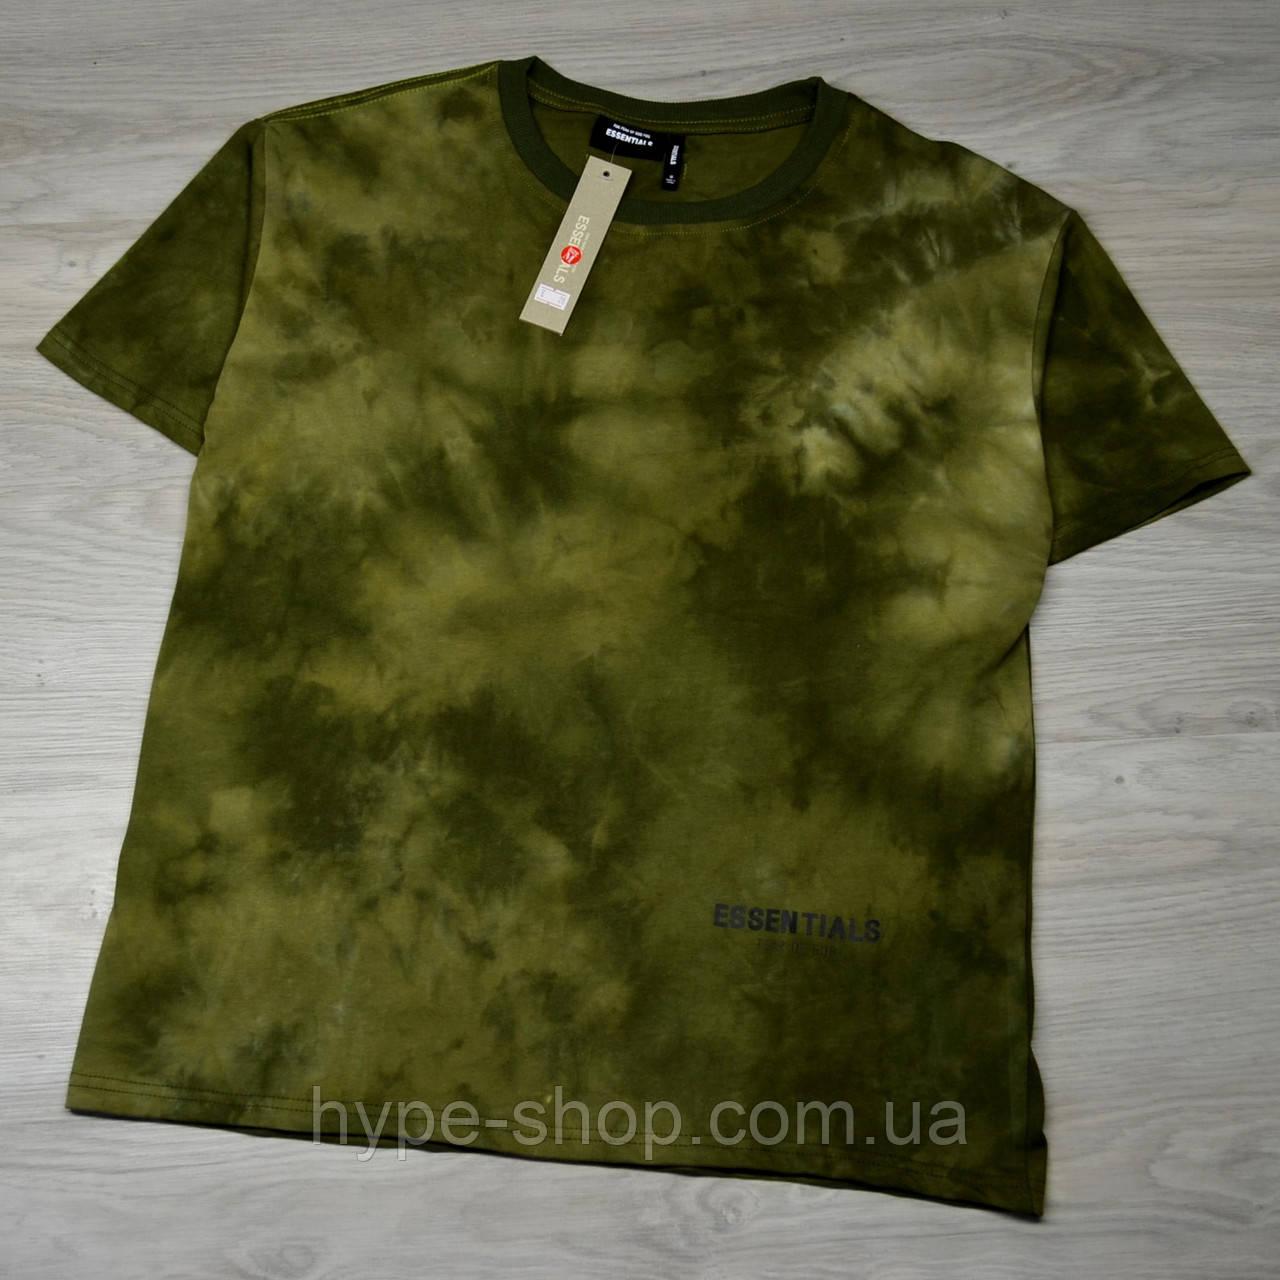 Чоловіча футболка ESSENTIALS Tie Dye dark haki з якісним принтом